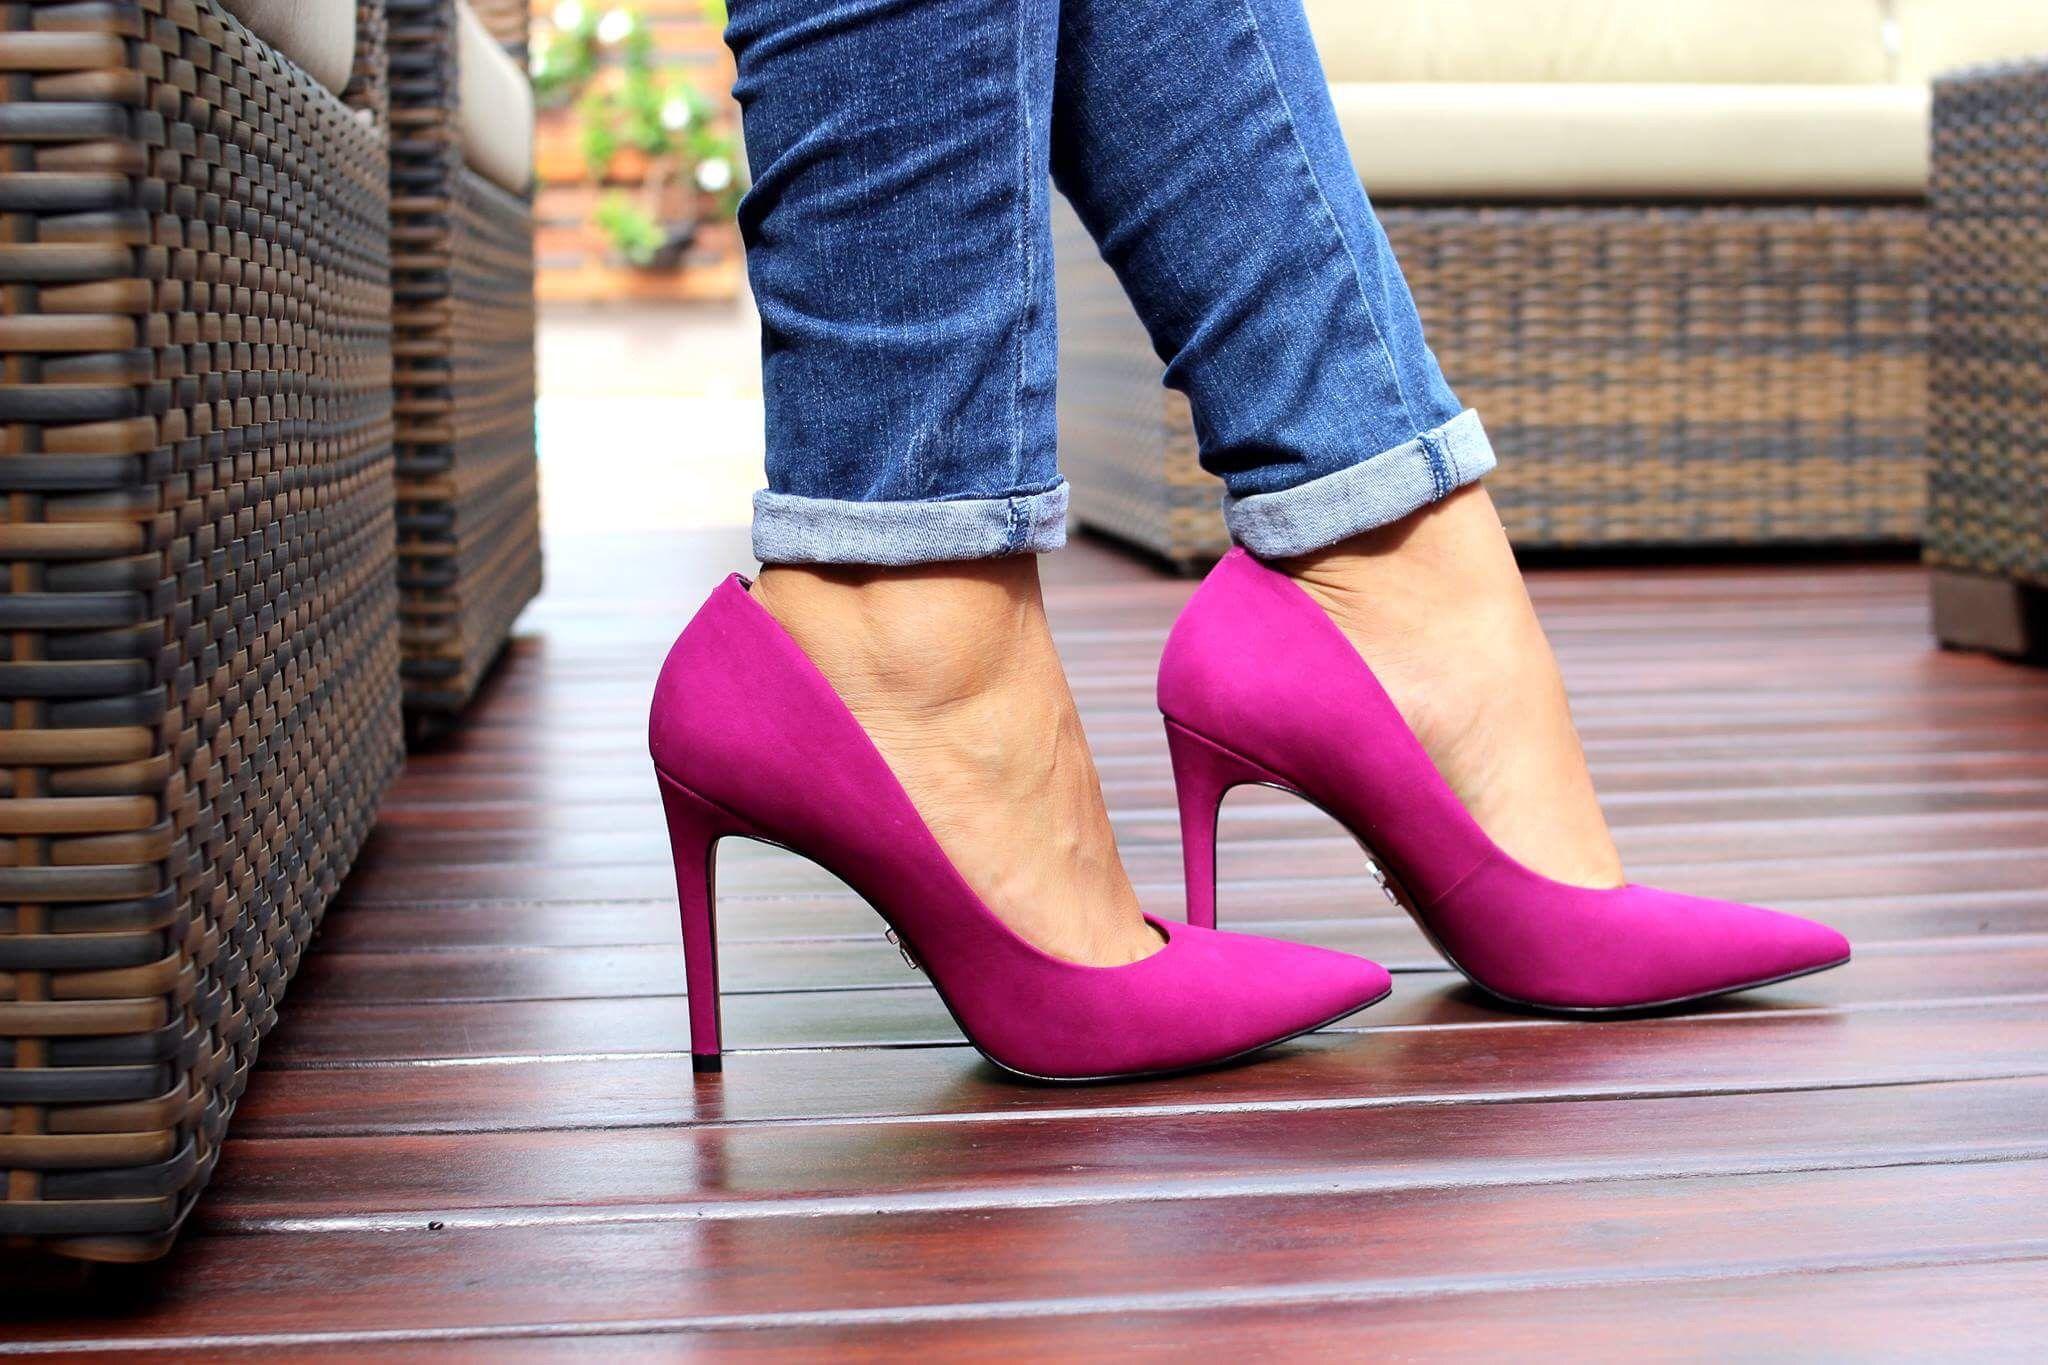 4f6e35b26b Scarpin salto alto CARRANO cor violeta Enviamos para todo Brasil Compre  pelo nosso site www.apparenzastore.com.br